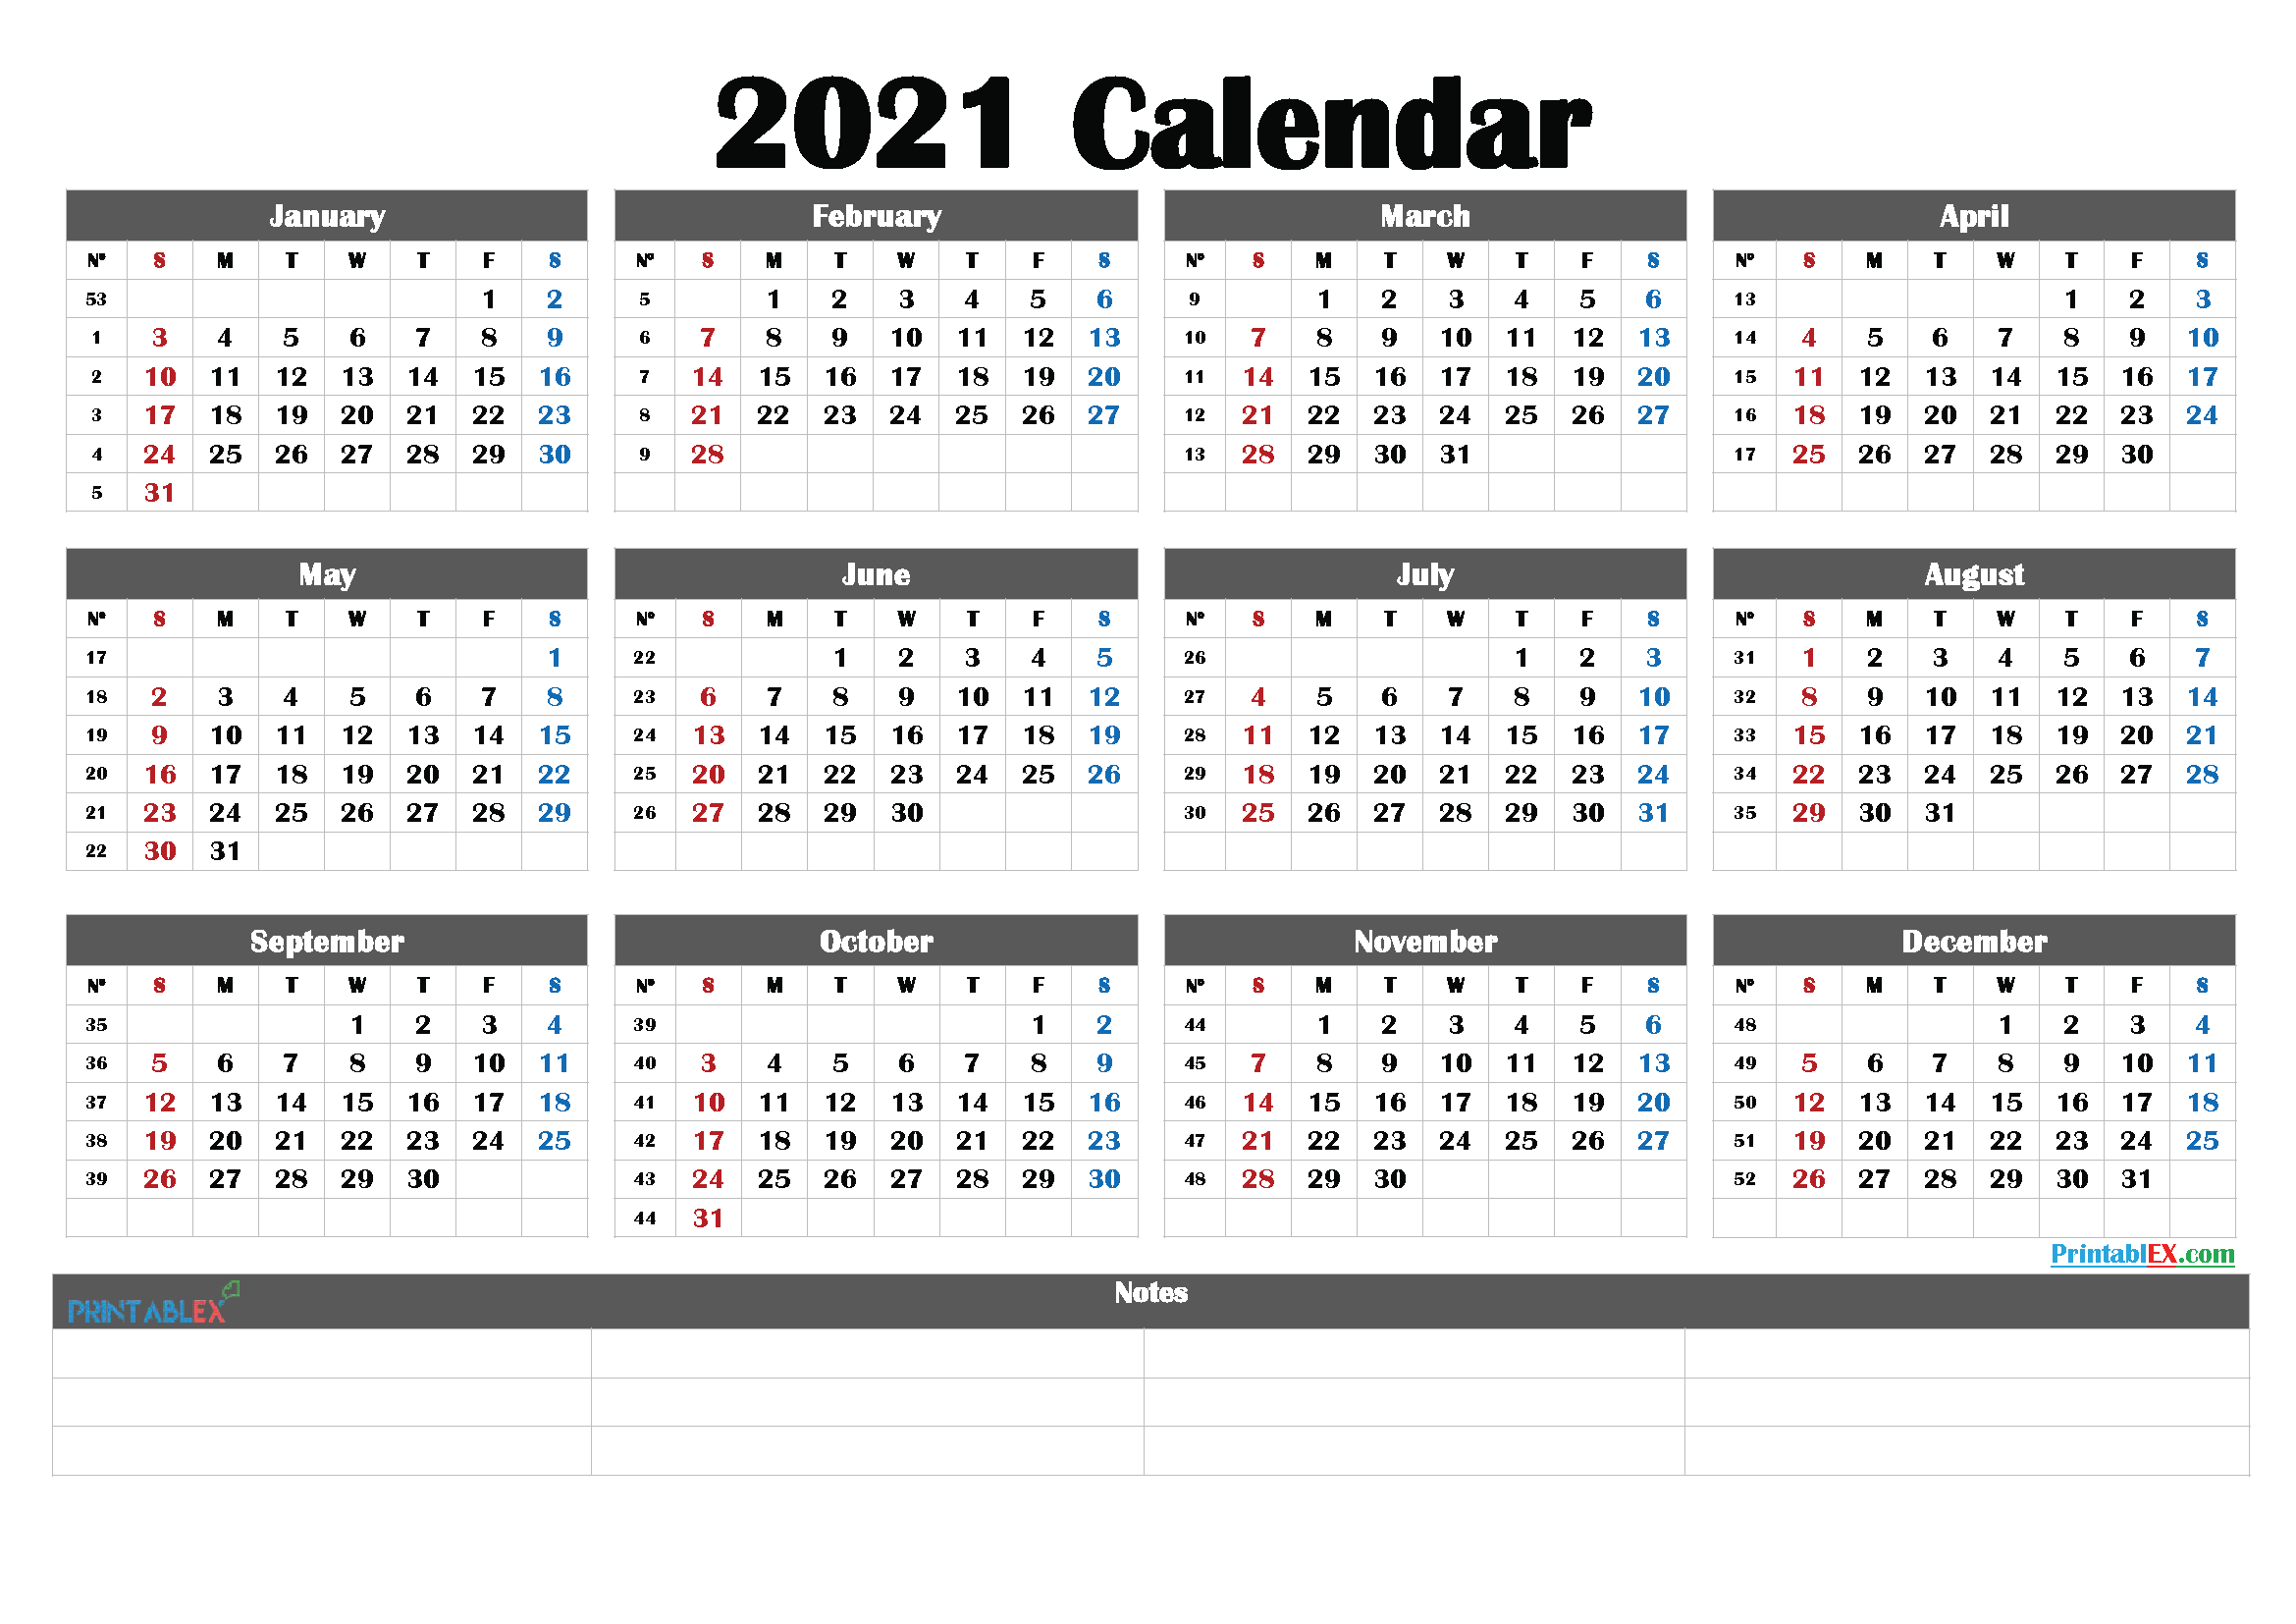 2021 Calendar with Week Numbers Printable - 21ytw187 ...